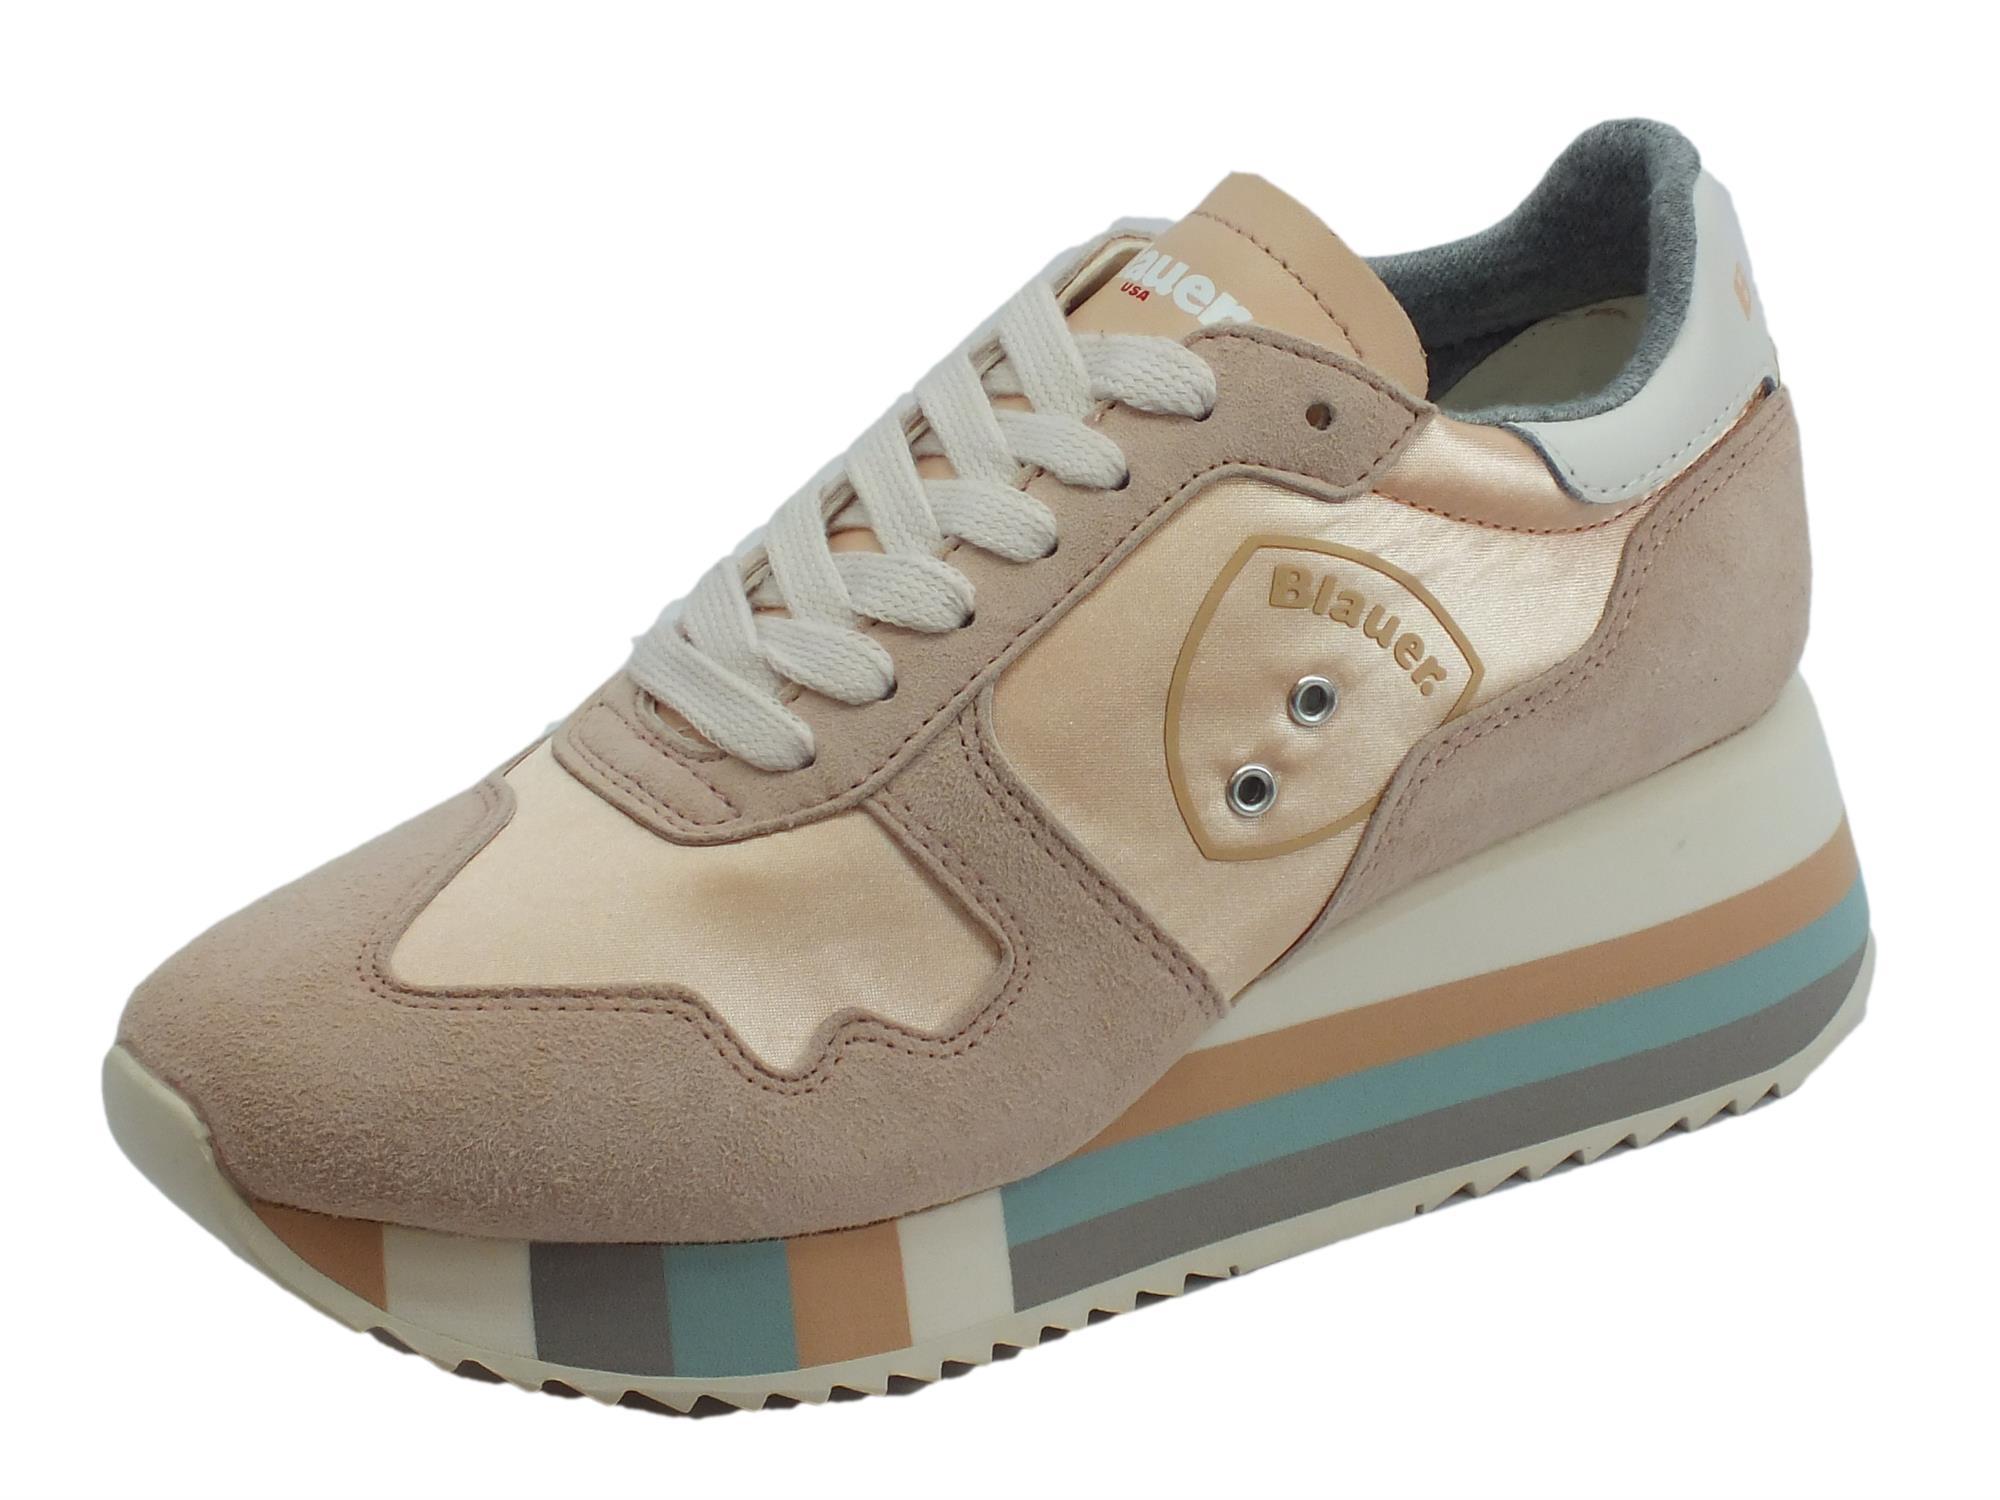 Sneakers Blauer USA per donna in camoscio e tessuto colore beige zeppa alta aa7ab2a7f50